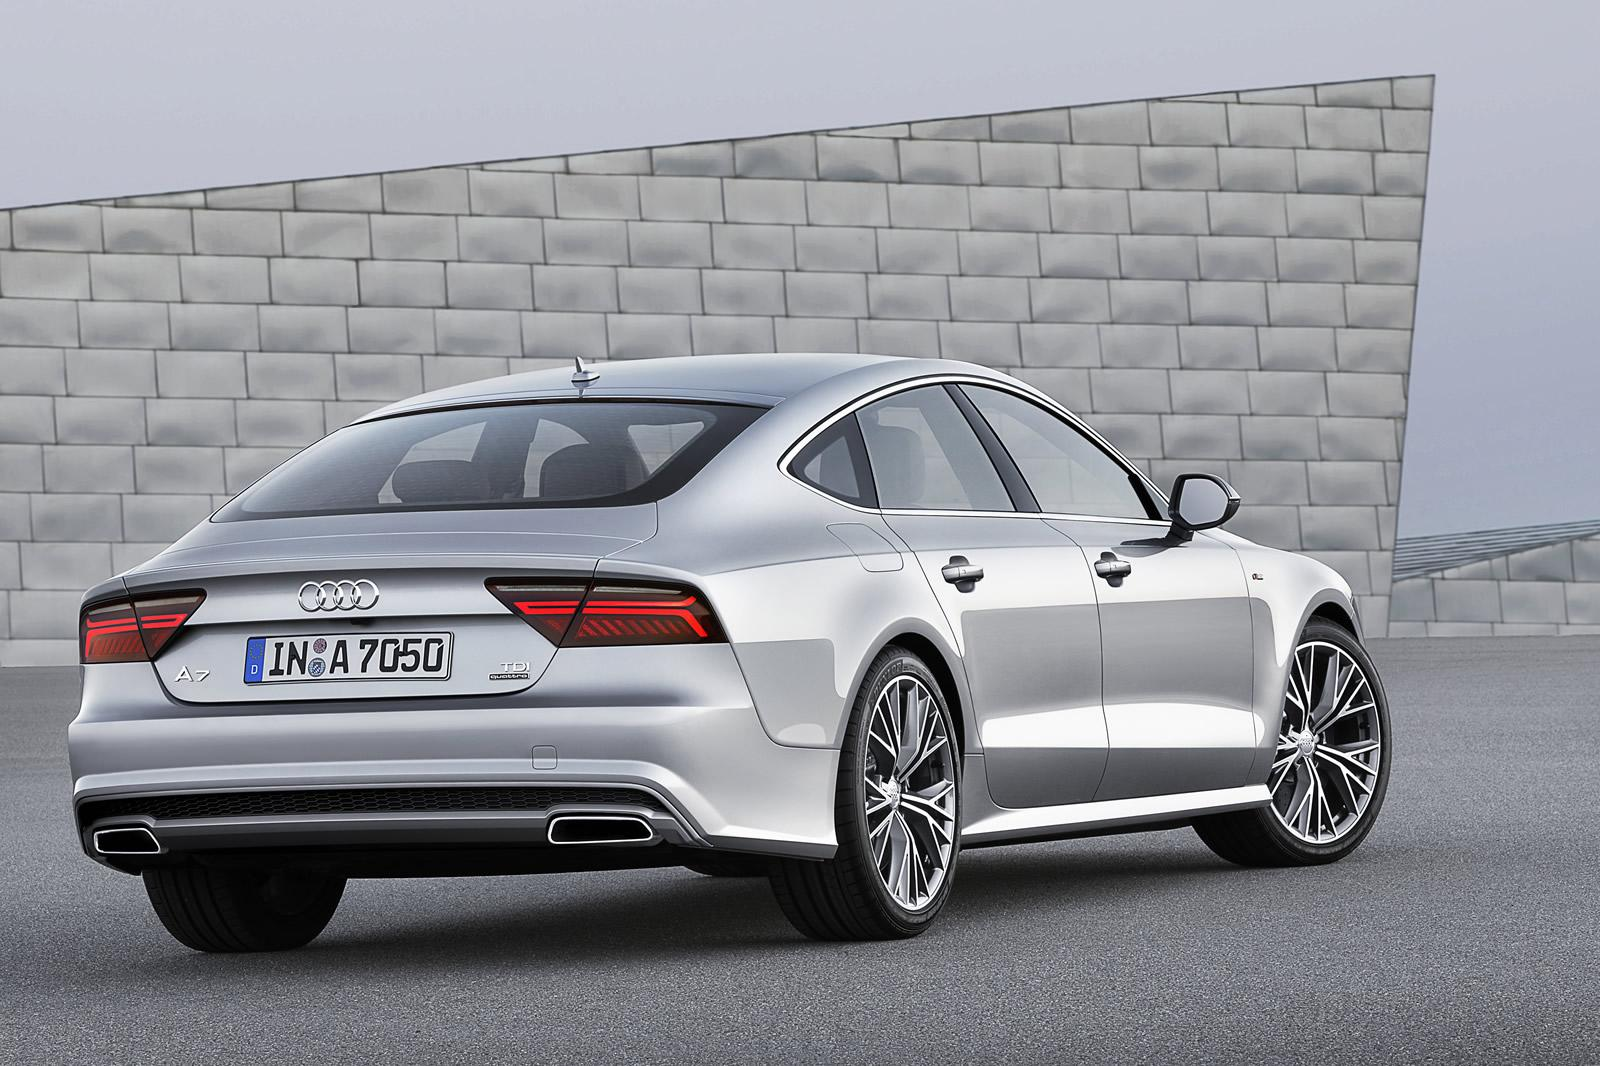 Kelebihan Kekurangan Audi A7 2015 Harga